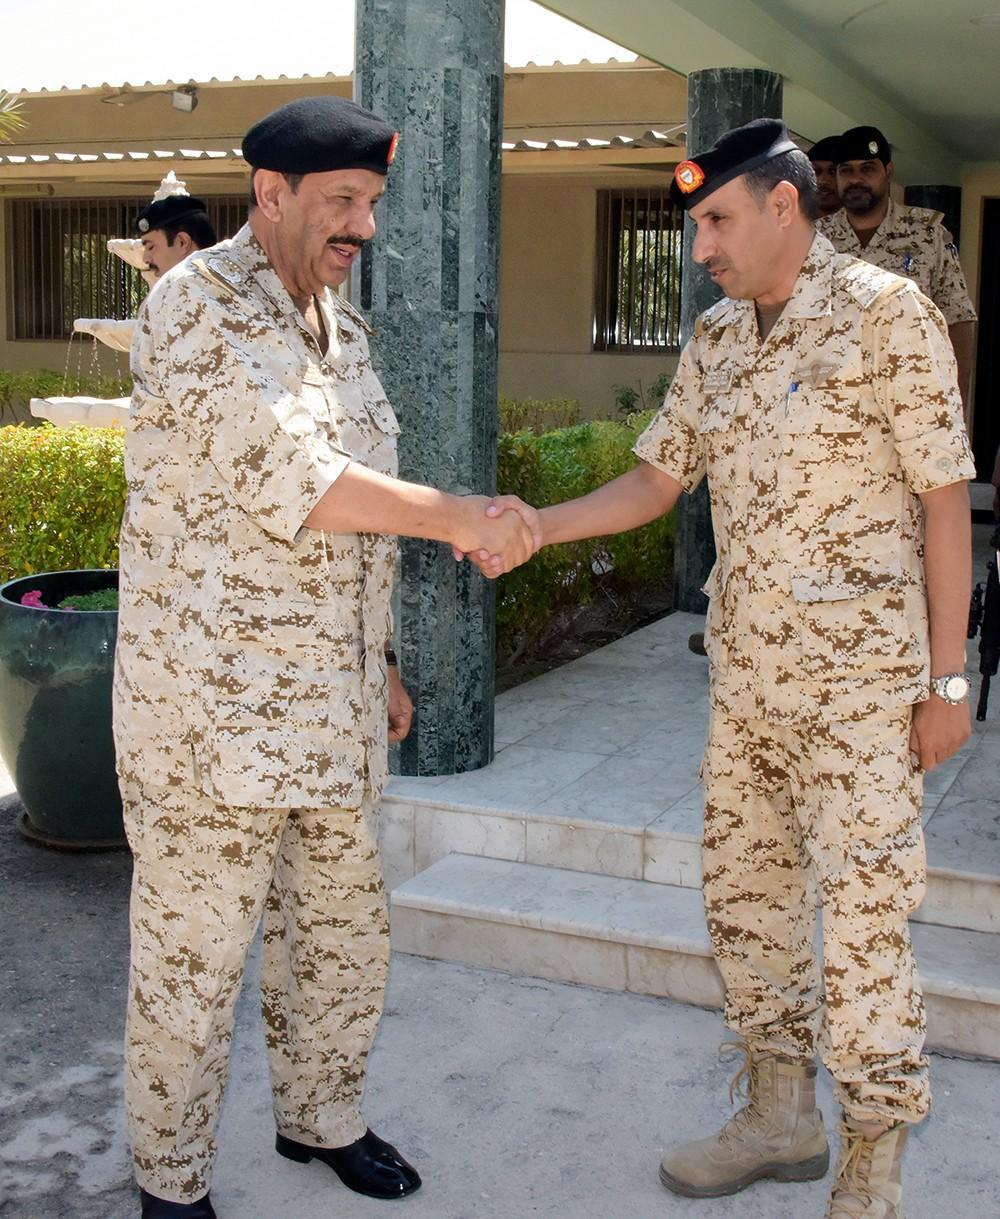 القائد العام لقوة الدفاع يزور عددا من وحدات قوة دفاع البحرين